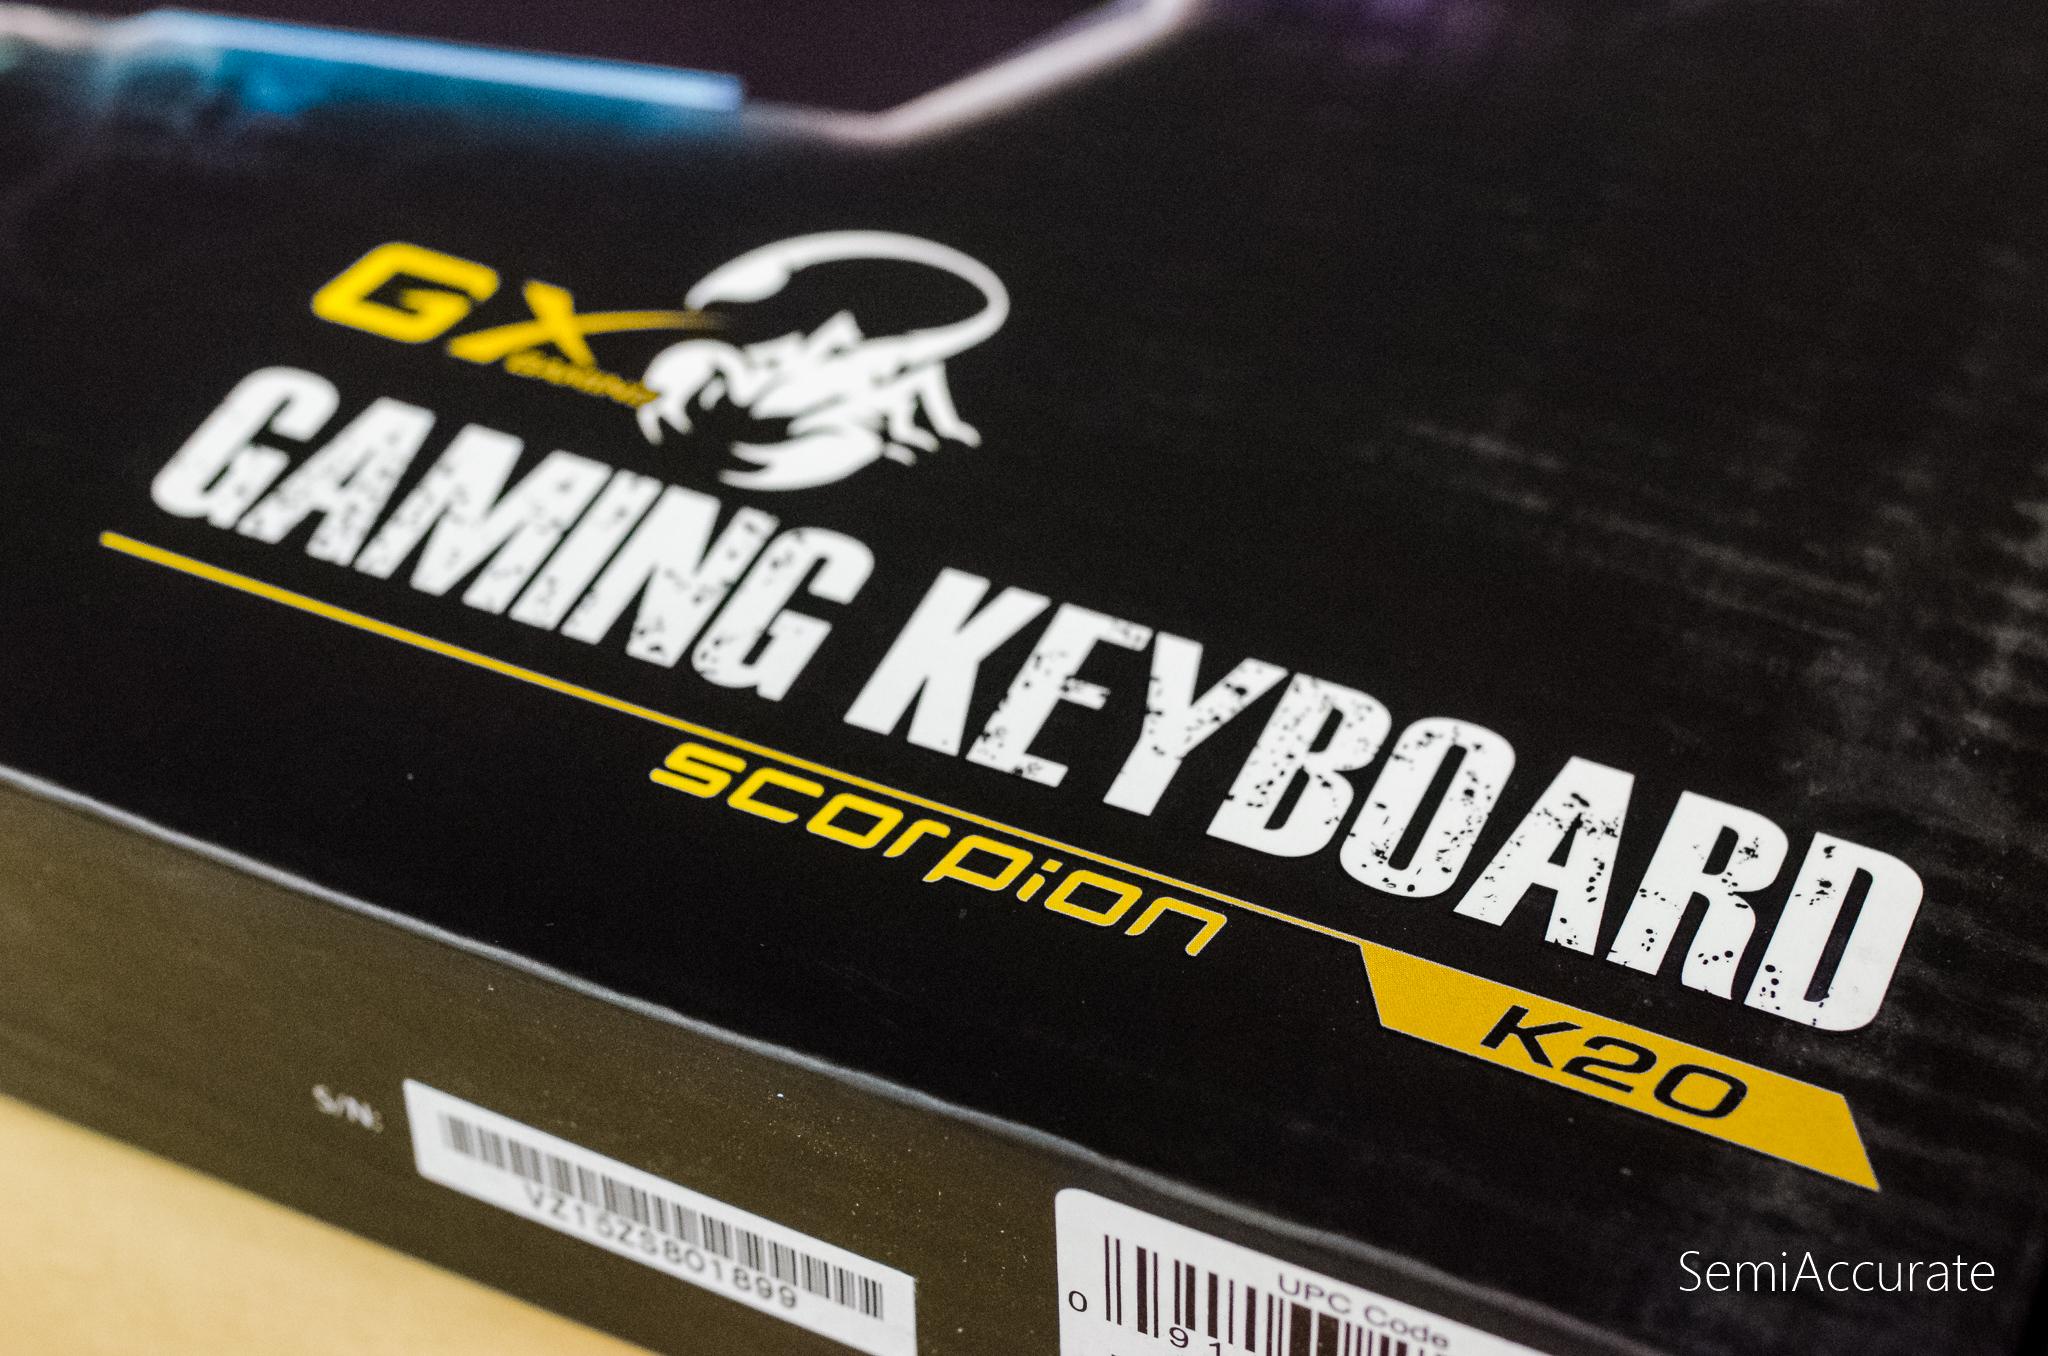 k20keyboard-2-of-9